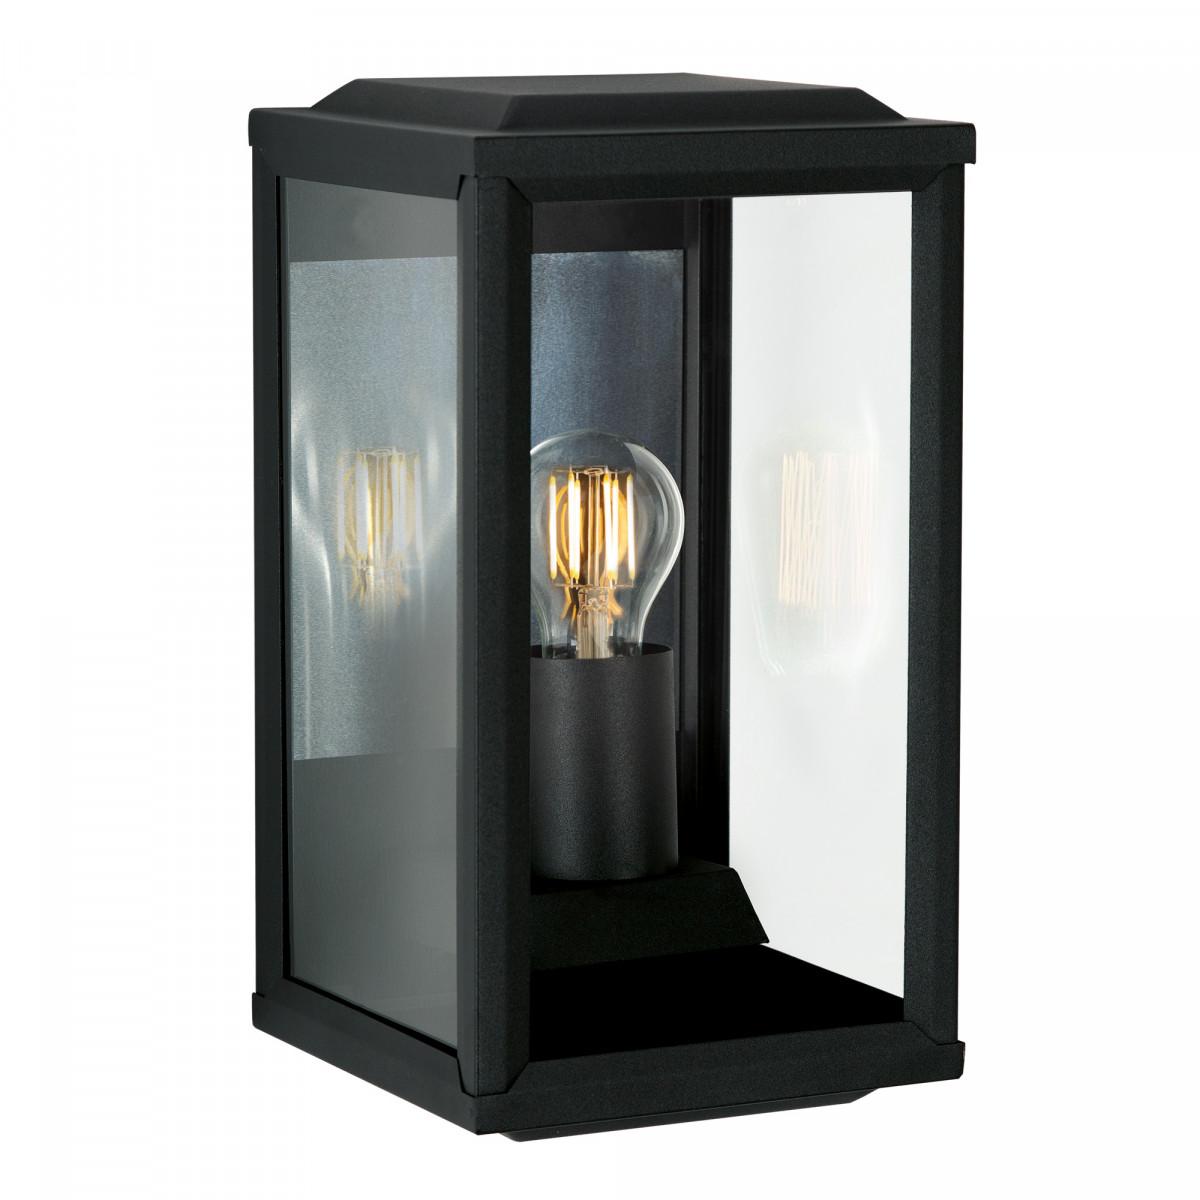 trendy stijlvol strak klassieke muurlamp, 't gooi een prachtige buitenlamp, wandlamp voor huis of veranda van KS Verlichting